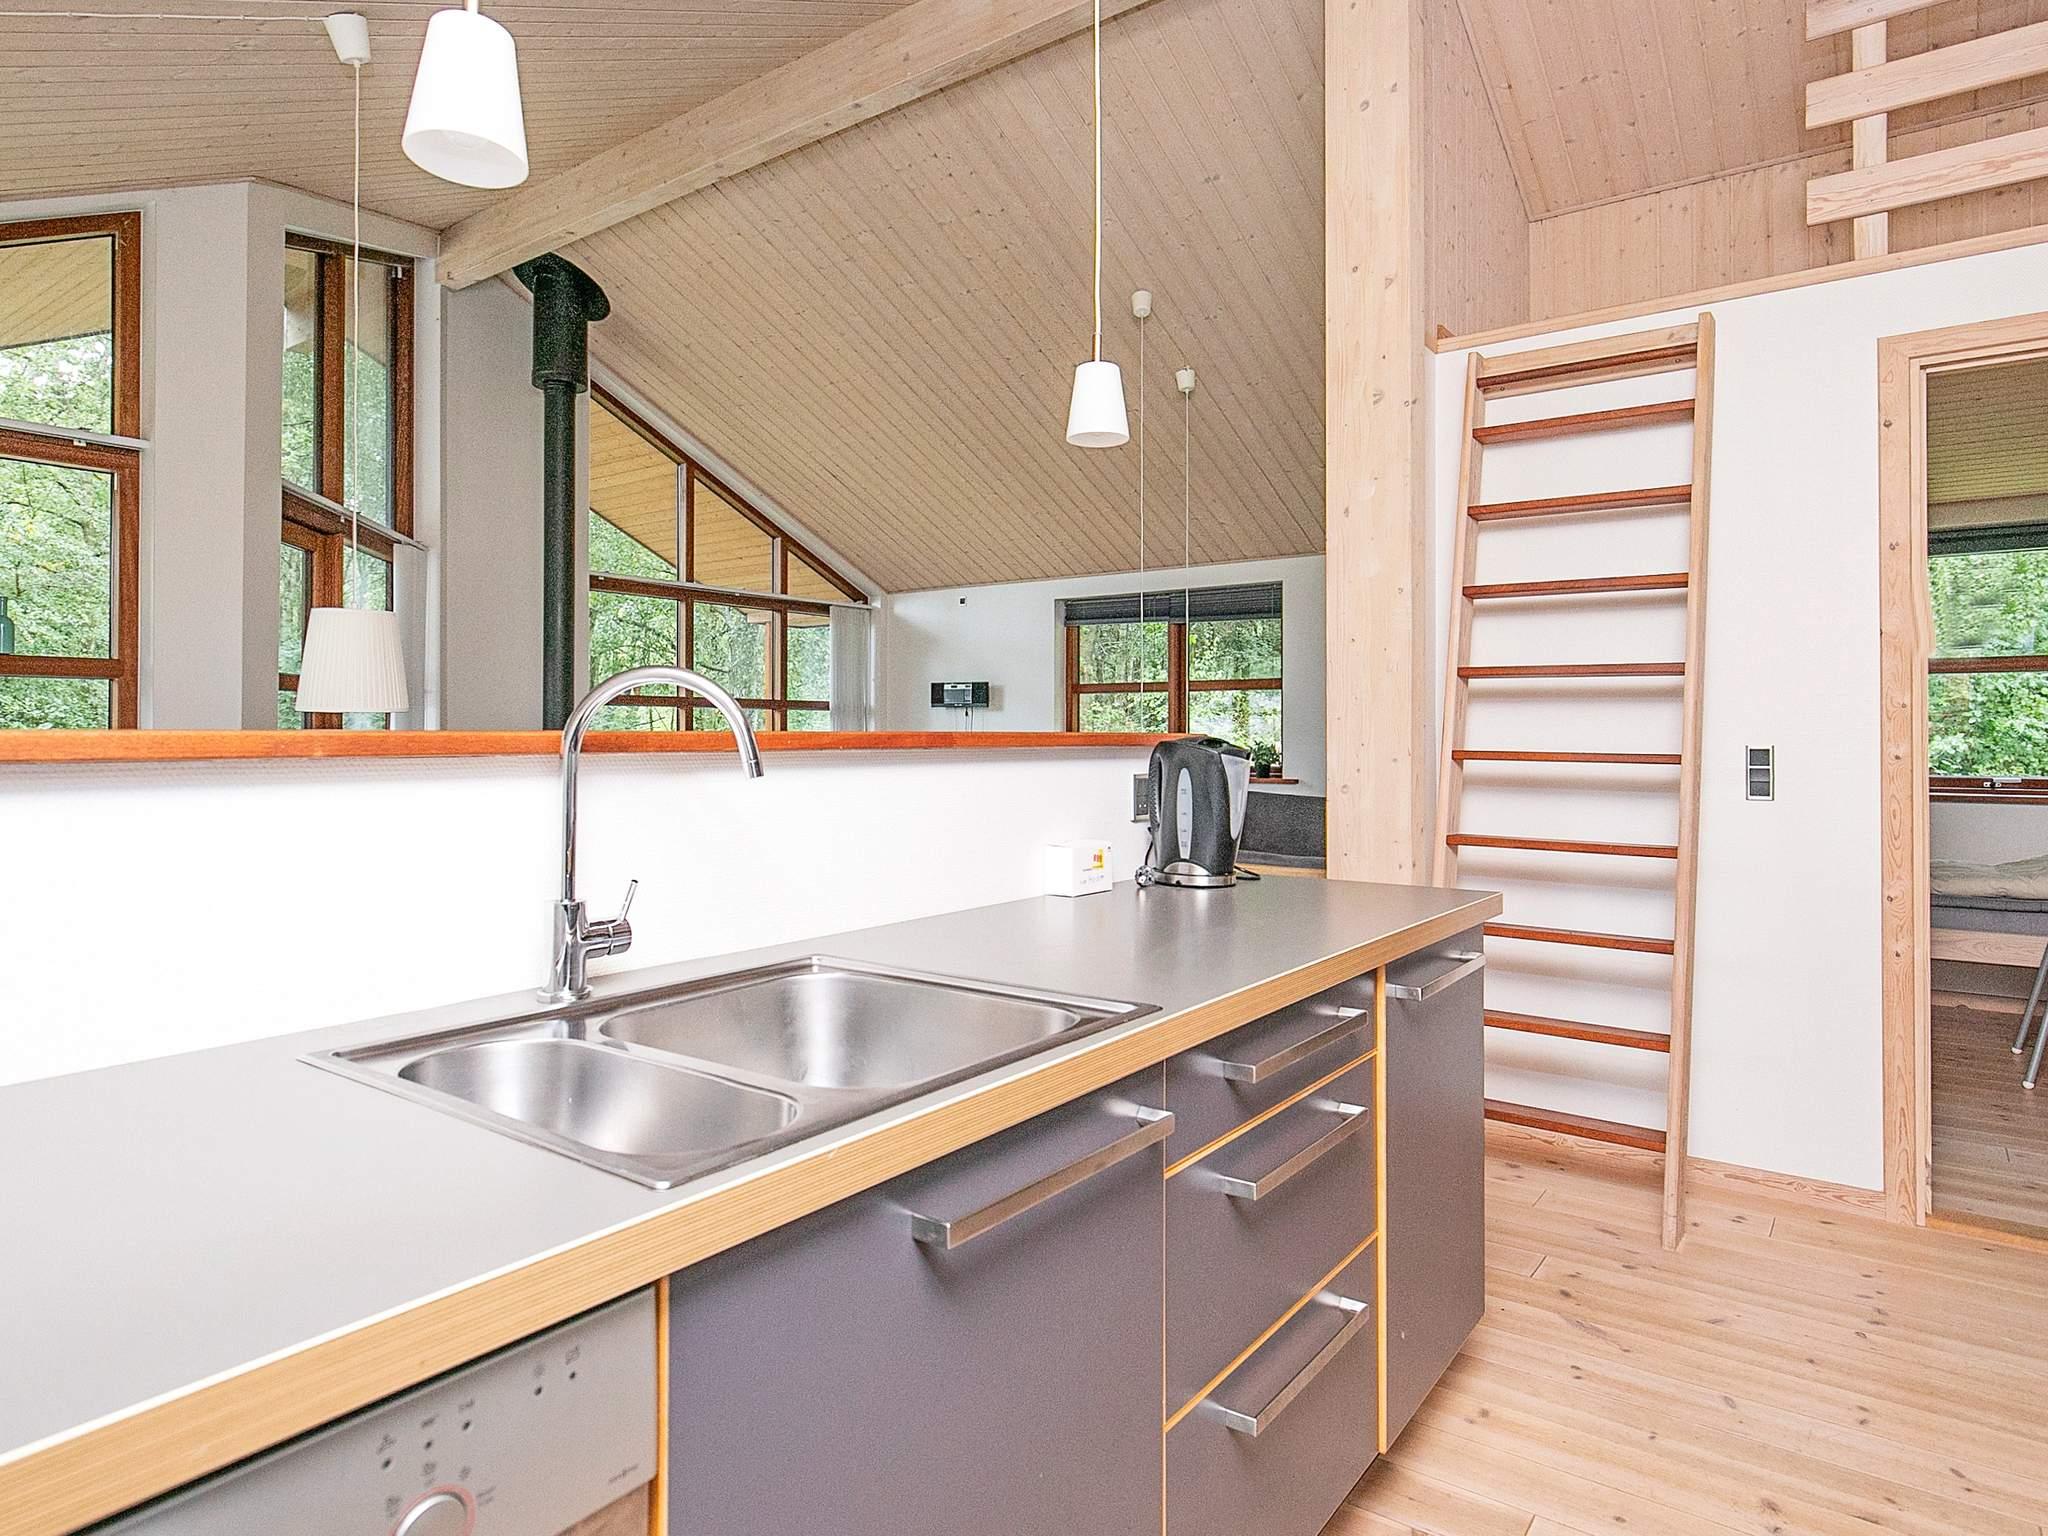 Ferienhaus Lynderup (259940), Lynderup, , Ostjütland, Dänemark, Bild 8